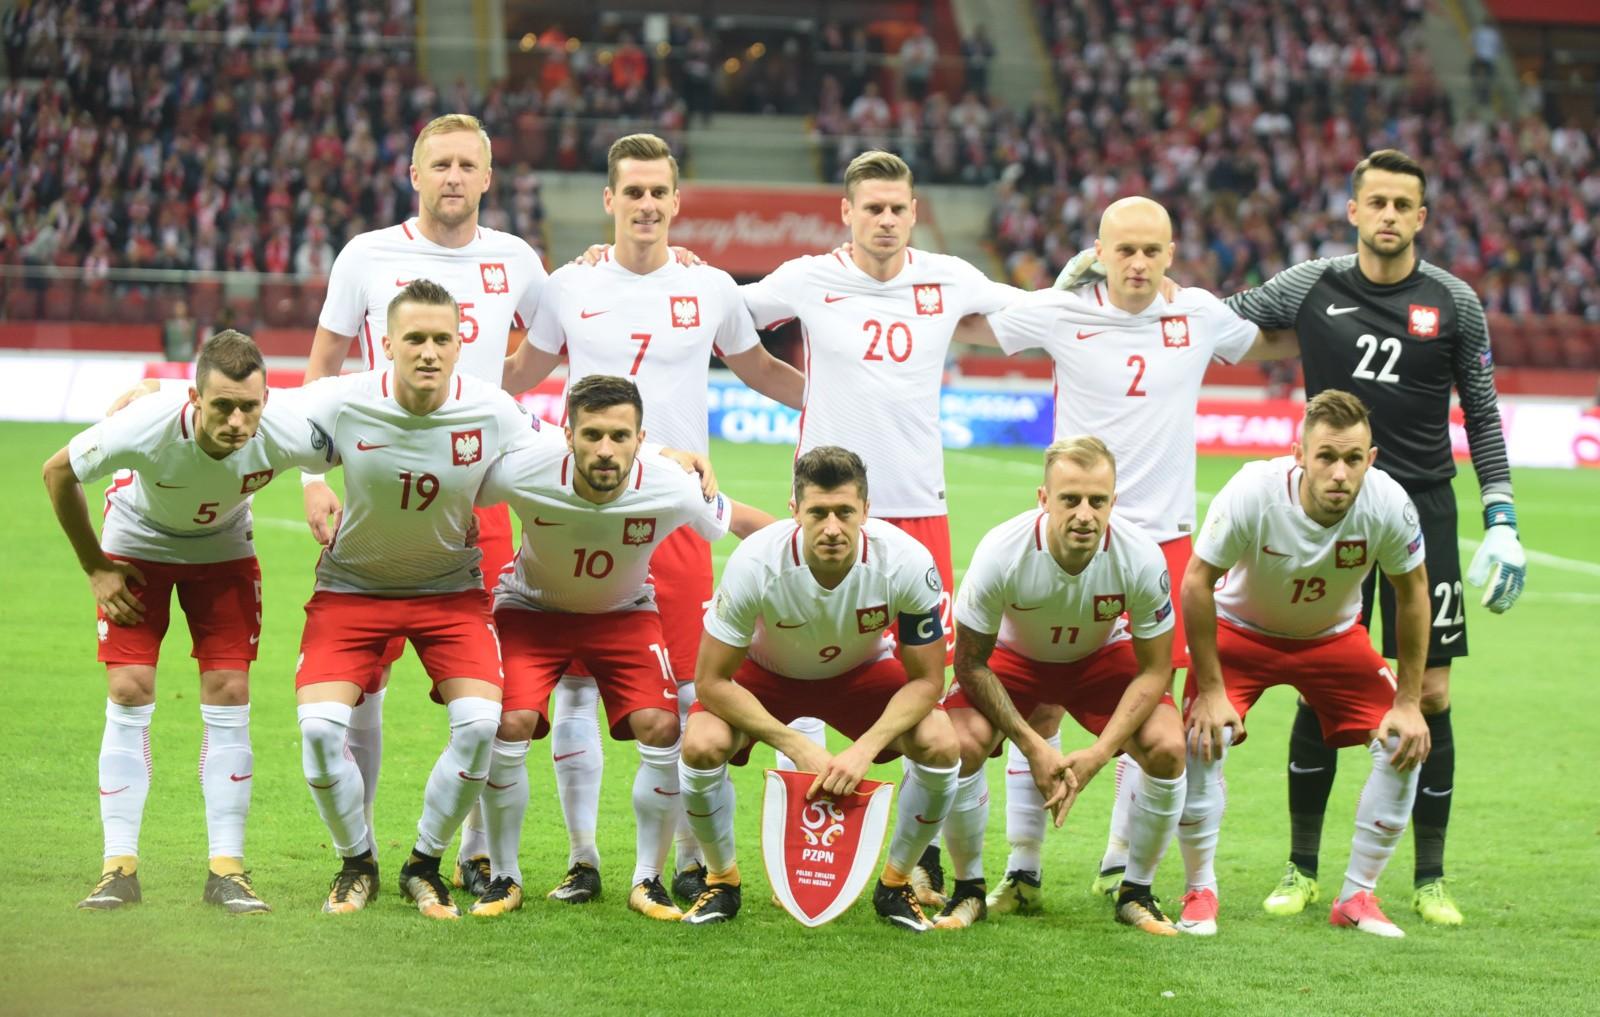 mecz polska armenia online